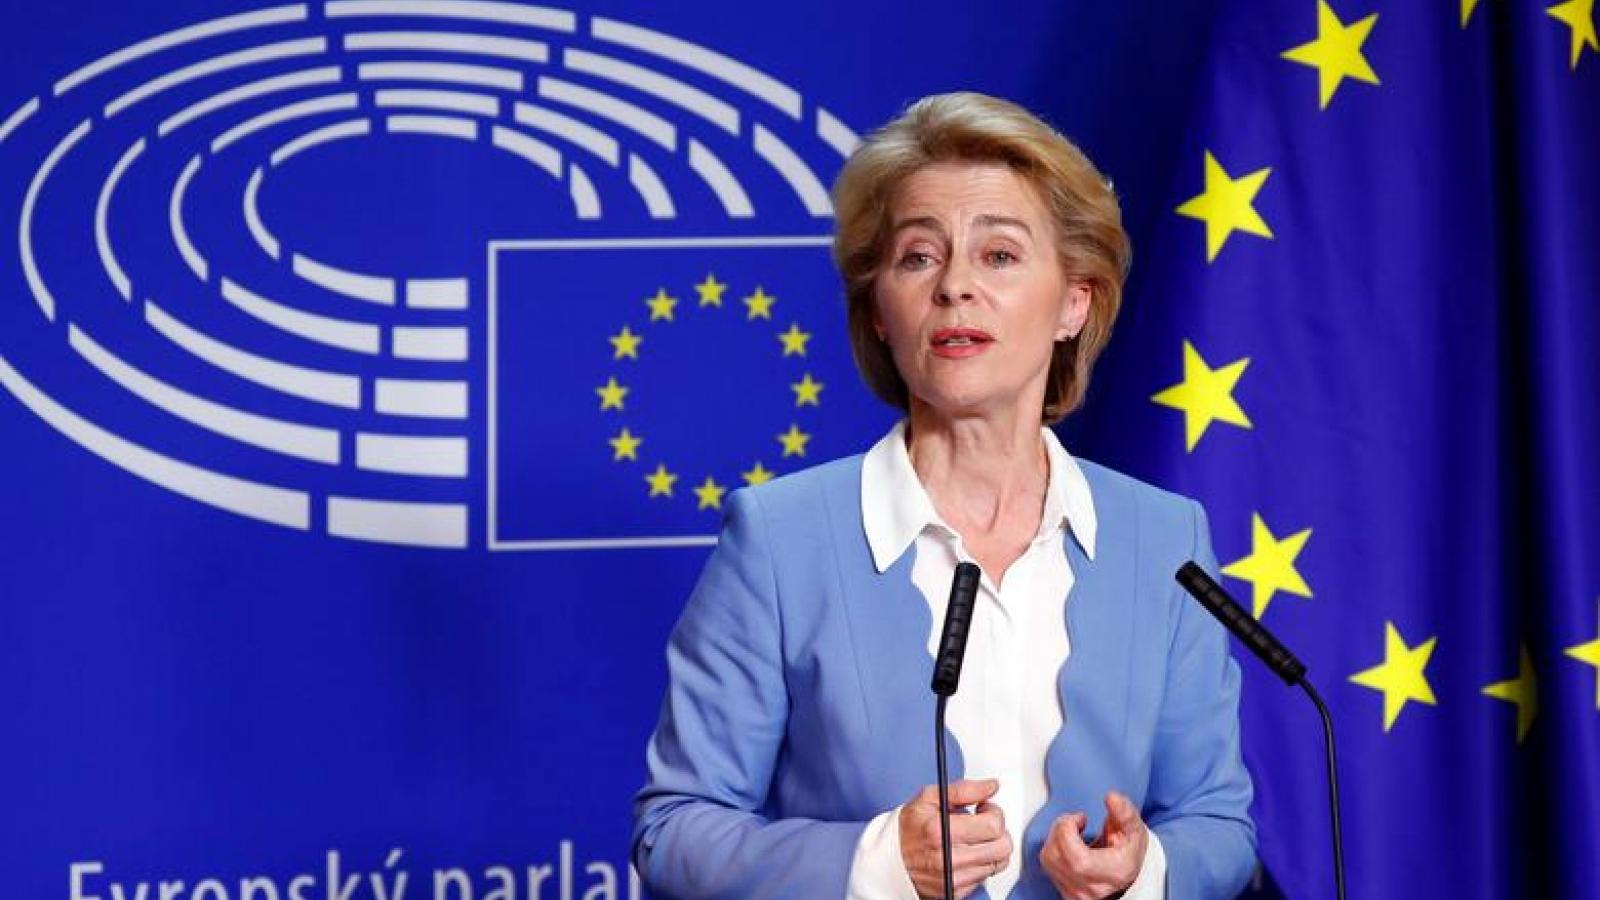 Chủ tịch Ủy ban châu Âu nhấn mạnh tầm quan trọng của Nga với EU